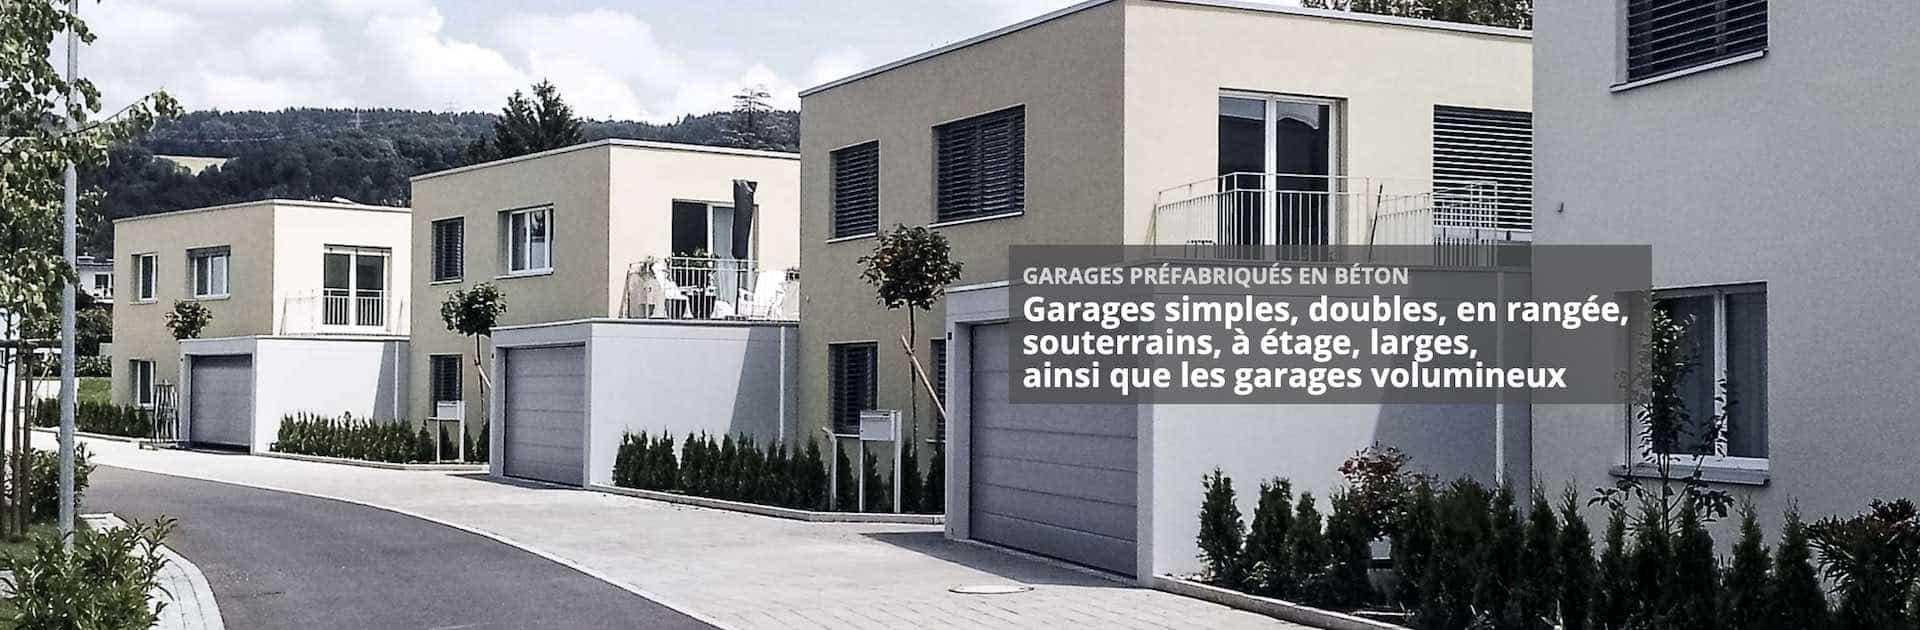 Garages grandes